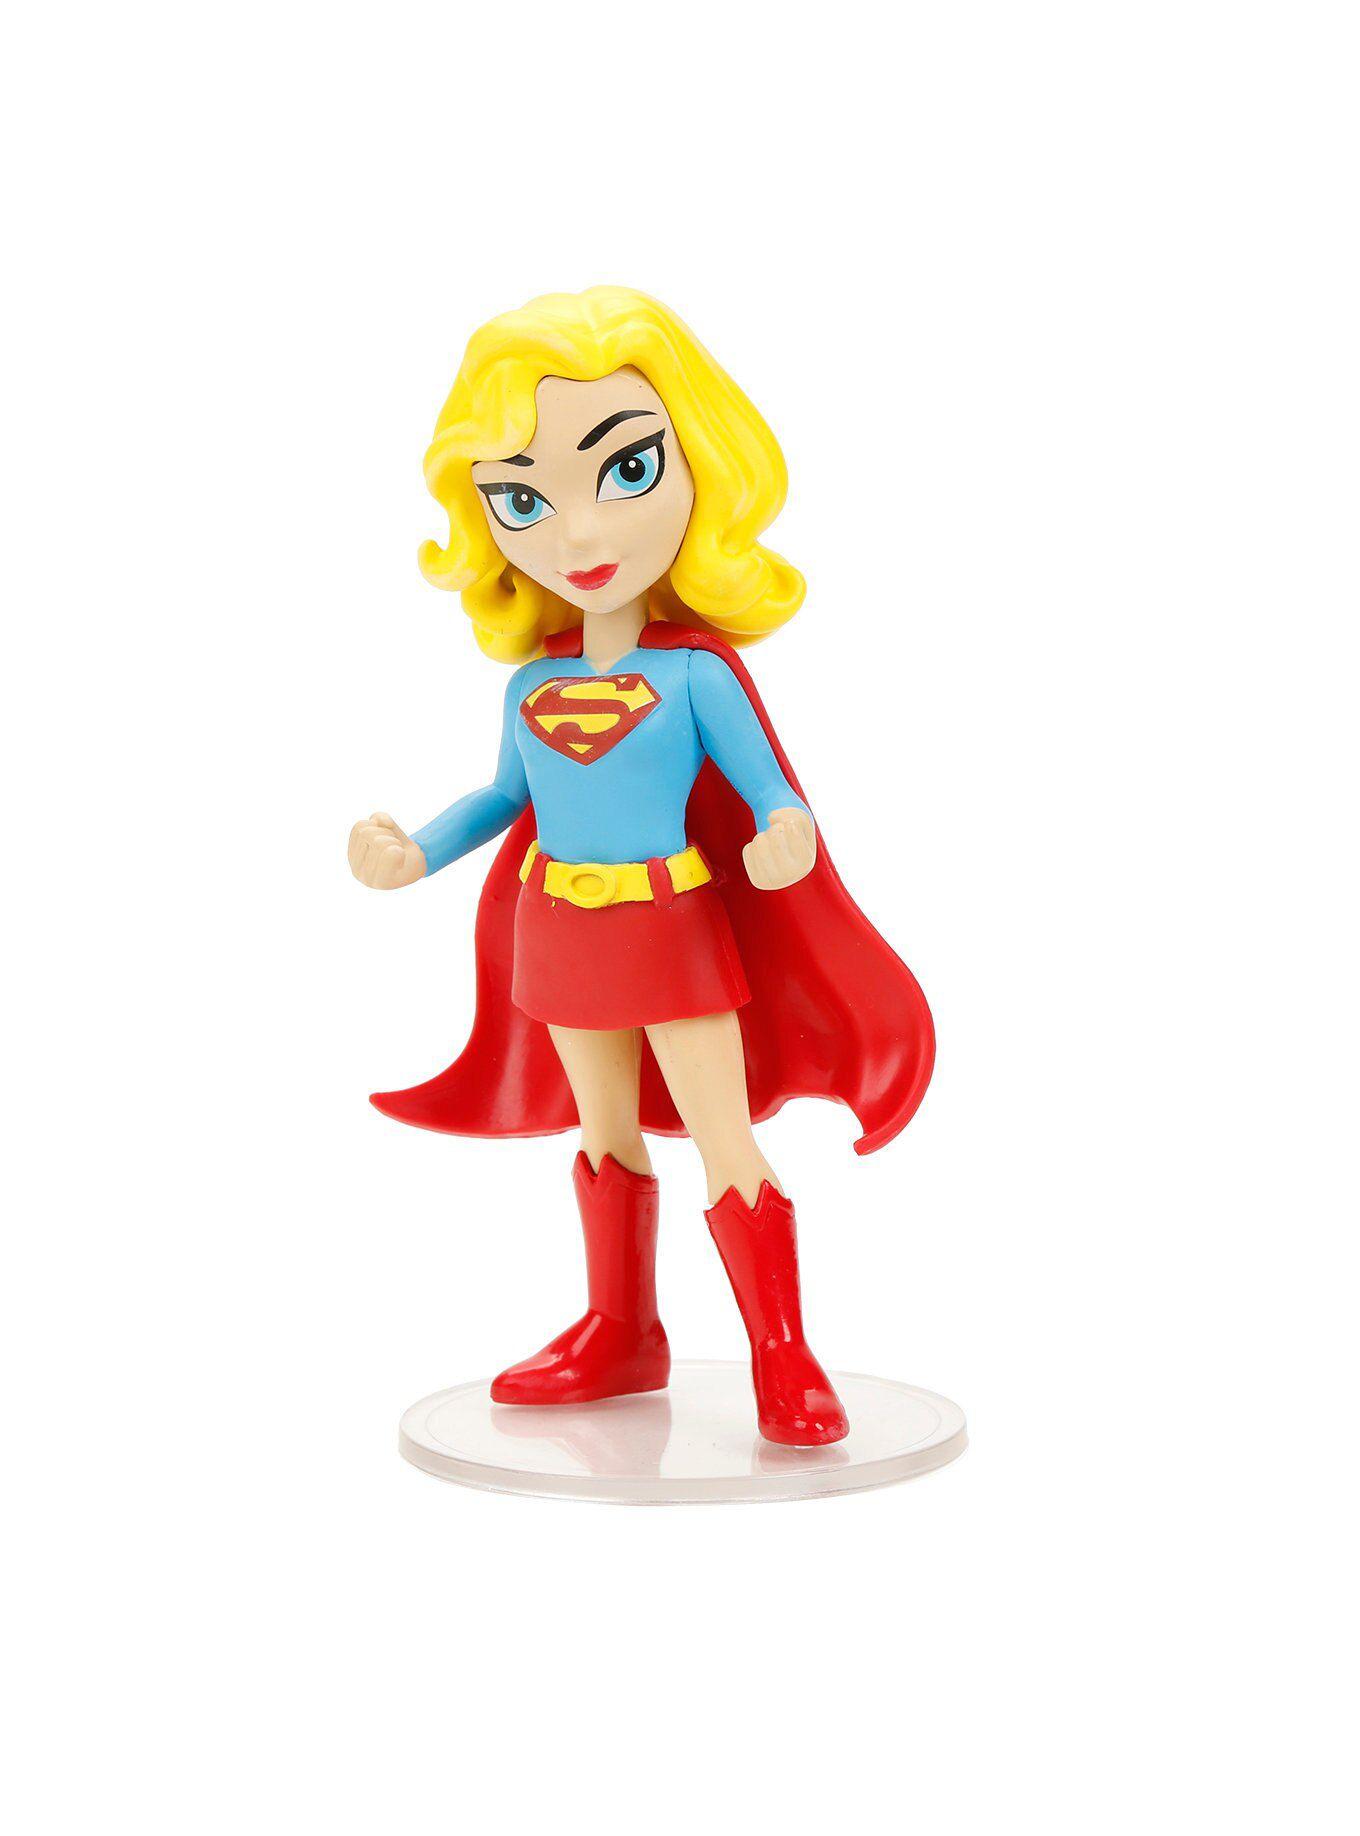 Supergirl (SuperMoça) - Funko Rock Candy